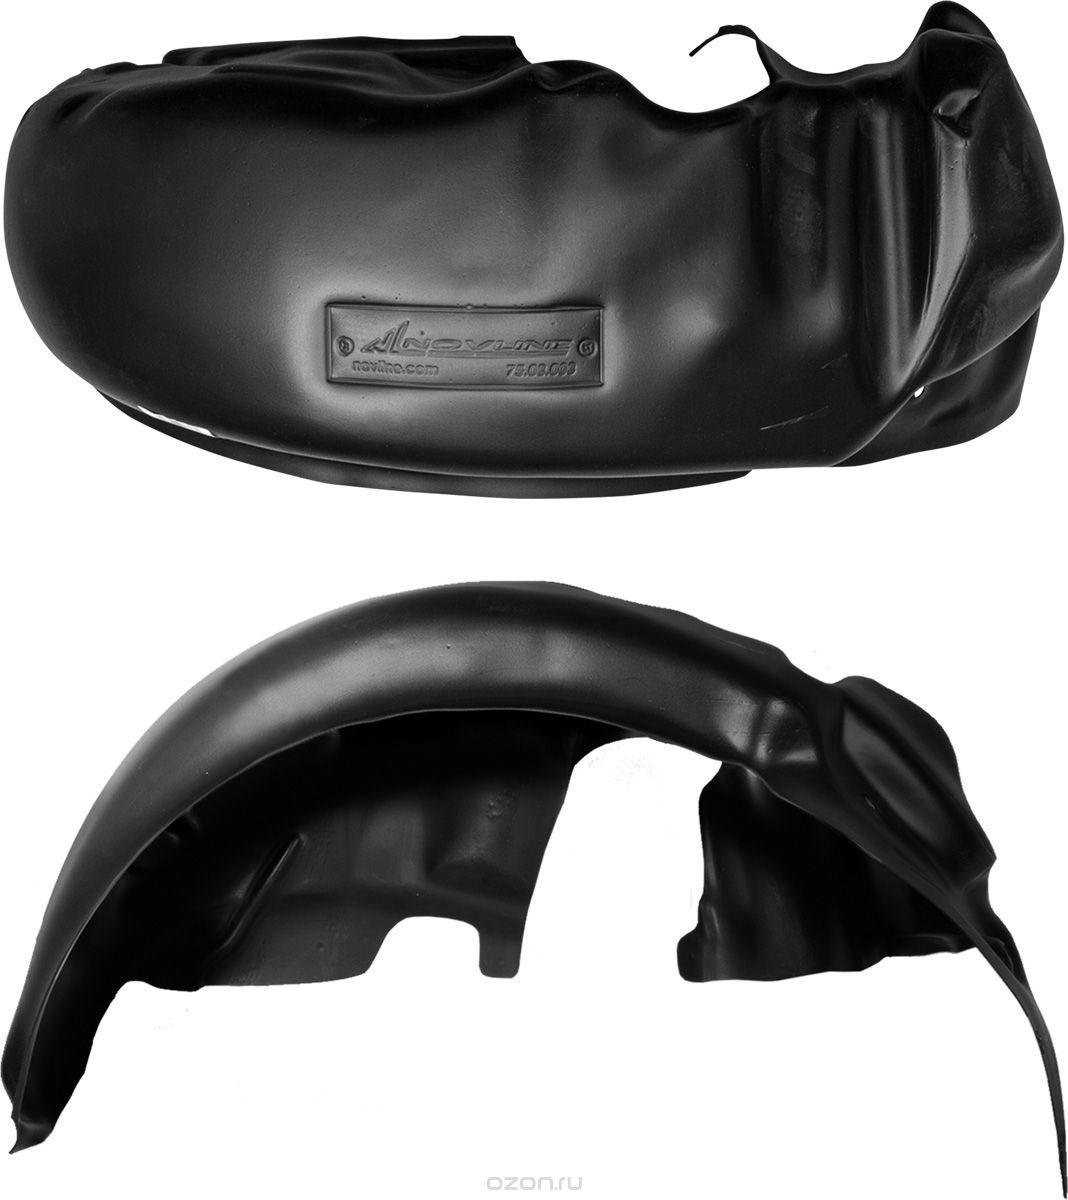 Подкрылок Novline-Autofamily, для CITROEN Jumper 2006-> с расширителями арок, передний левыйNLL.10.18.001Идеальная защита колесной ниши. Локеры разработаны с применением цифровых технологий, гарантируют максимальную повторяемость поверхности арки. Изделия устанавливаются без нарушения лакокрасочного покрытия автомобиля, каждый подкрылок комплектуется крепежом. Уважаемые клиенты, обращаем ваше внимание, что фотографии на подкрылки универсальные и не отражают реальную форму изделия. При этом само изделие идет точно под размер указанного автомобиля.